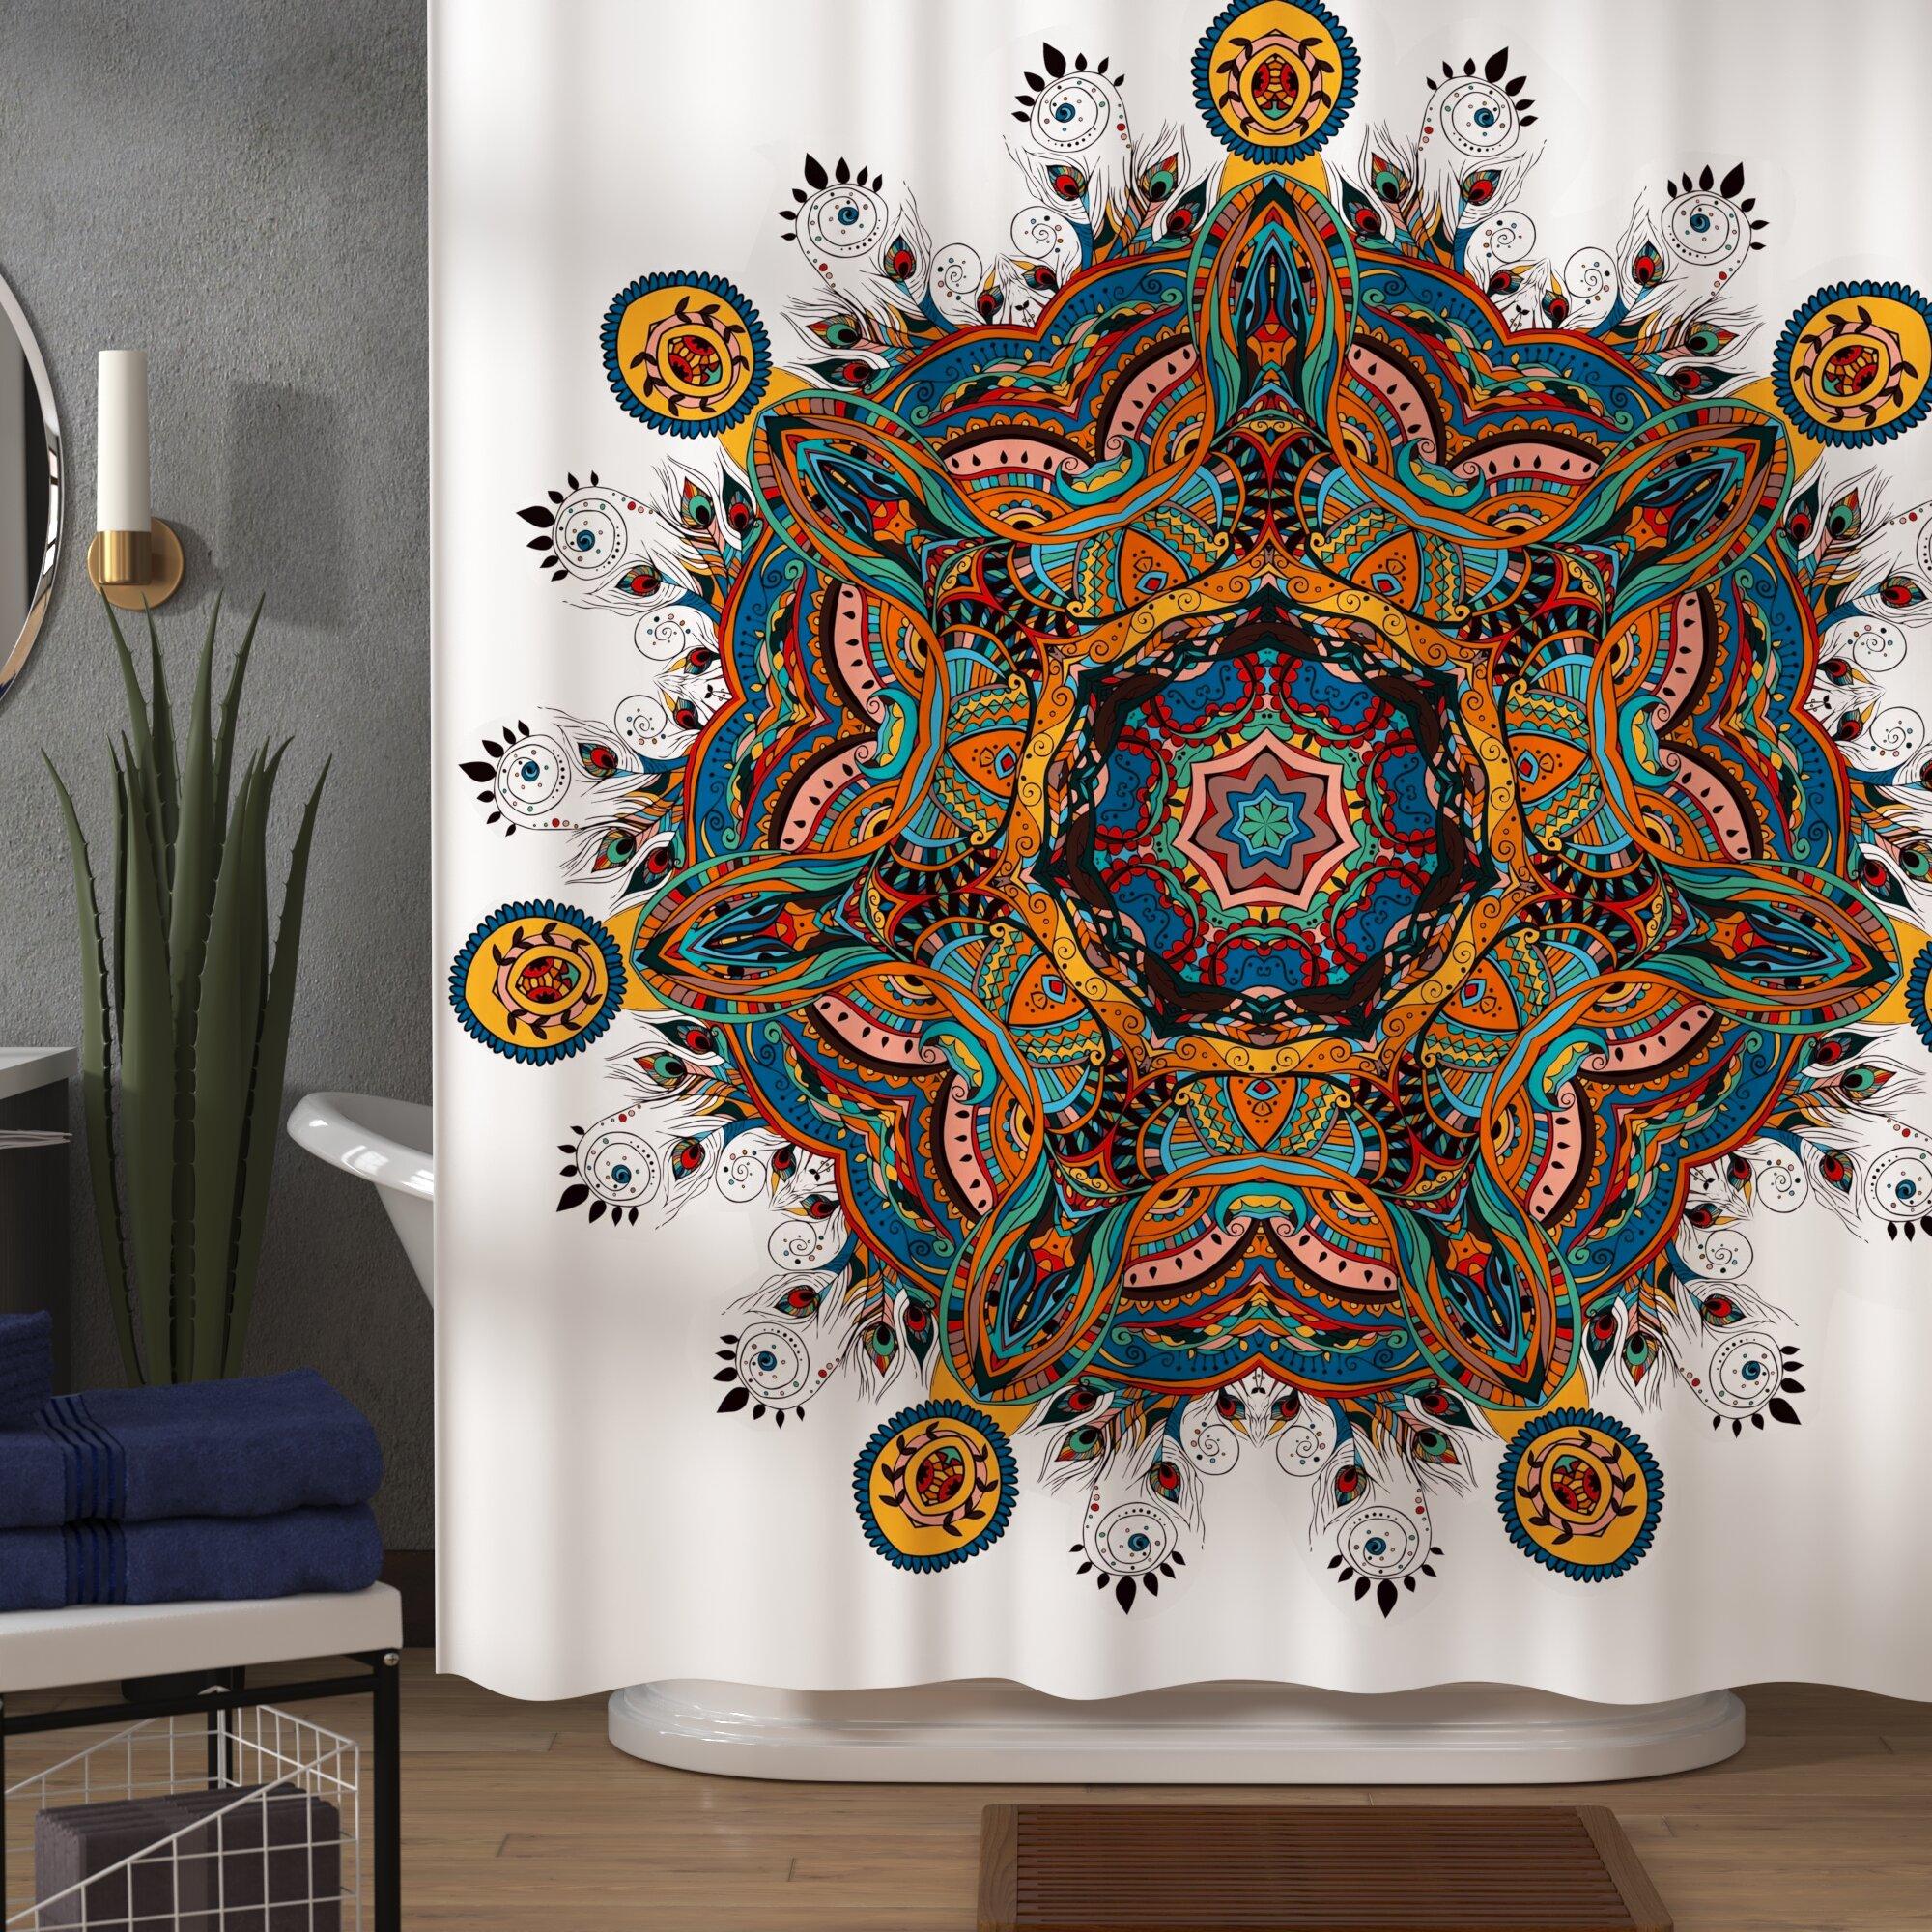 Ethnic Shower Curtain Asian Mandala Zen Boho Print for Bathroom